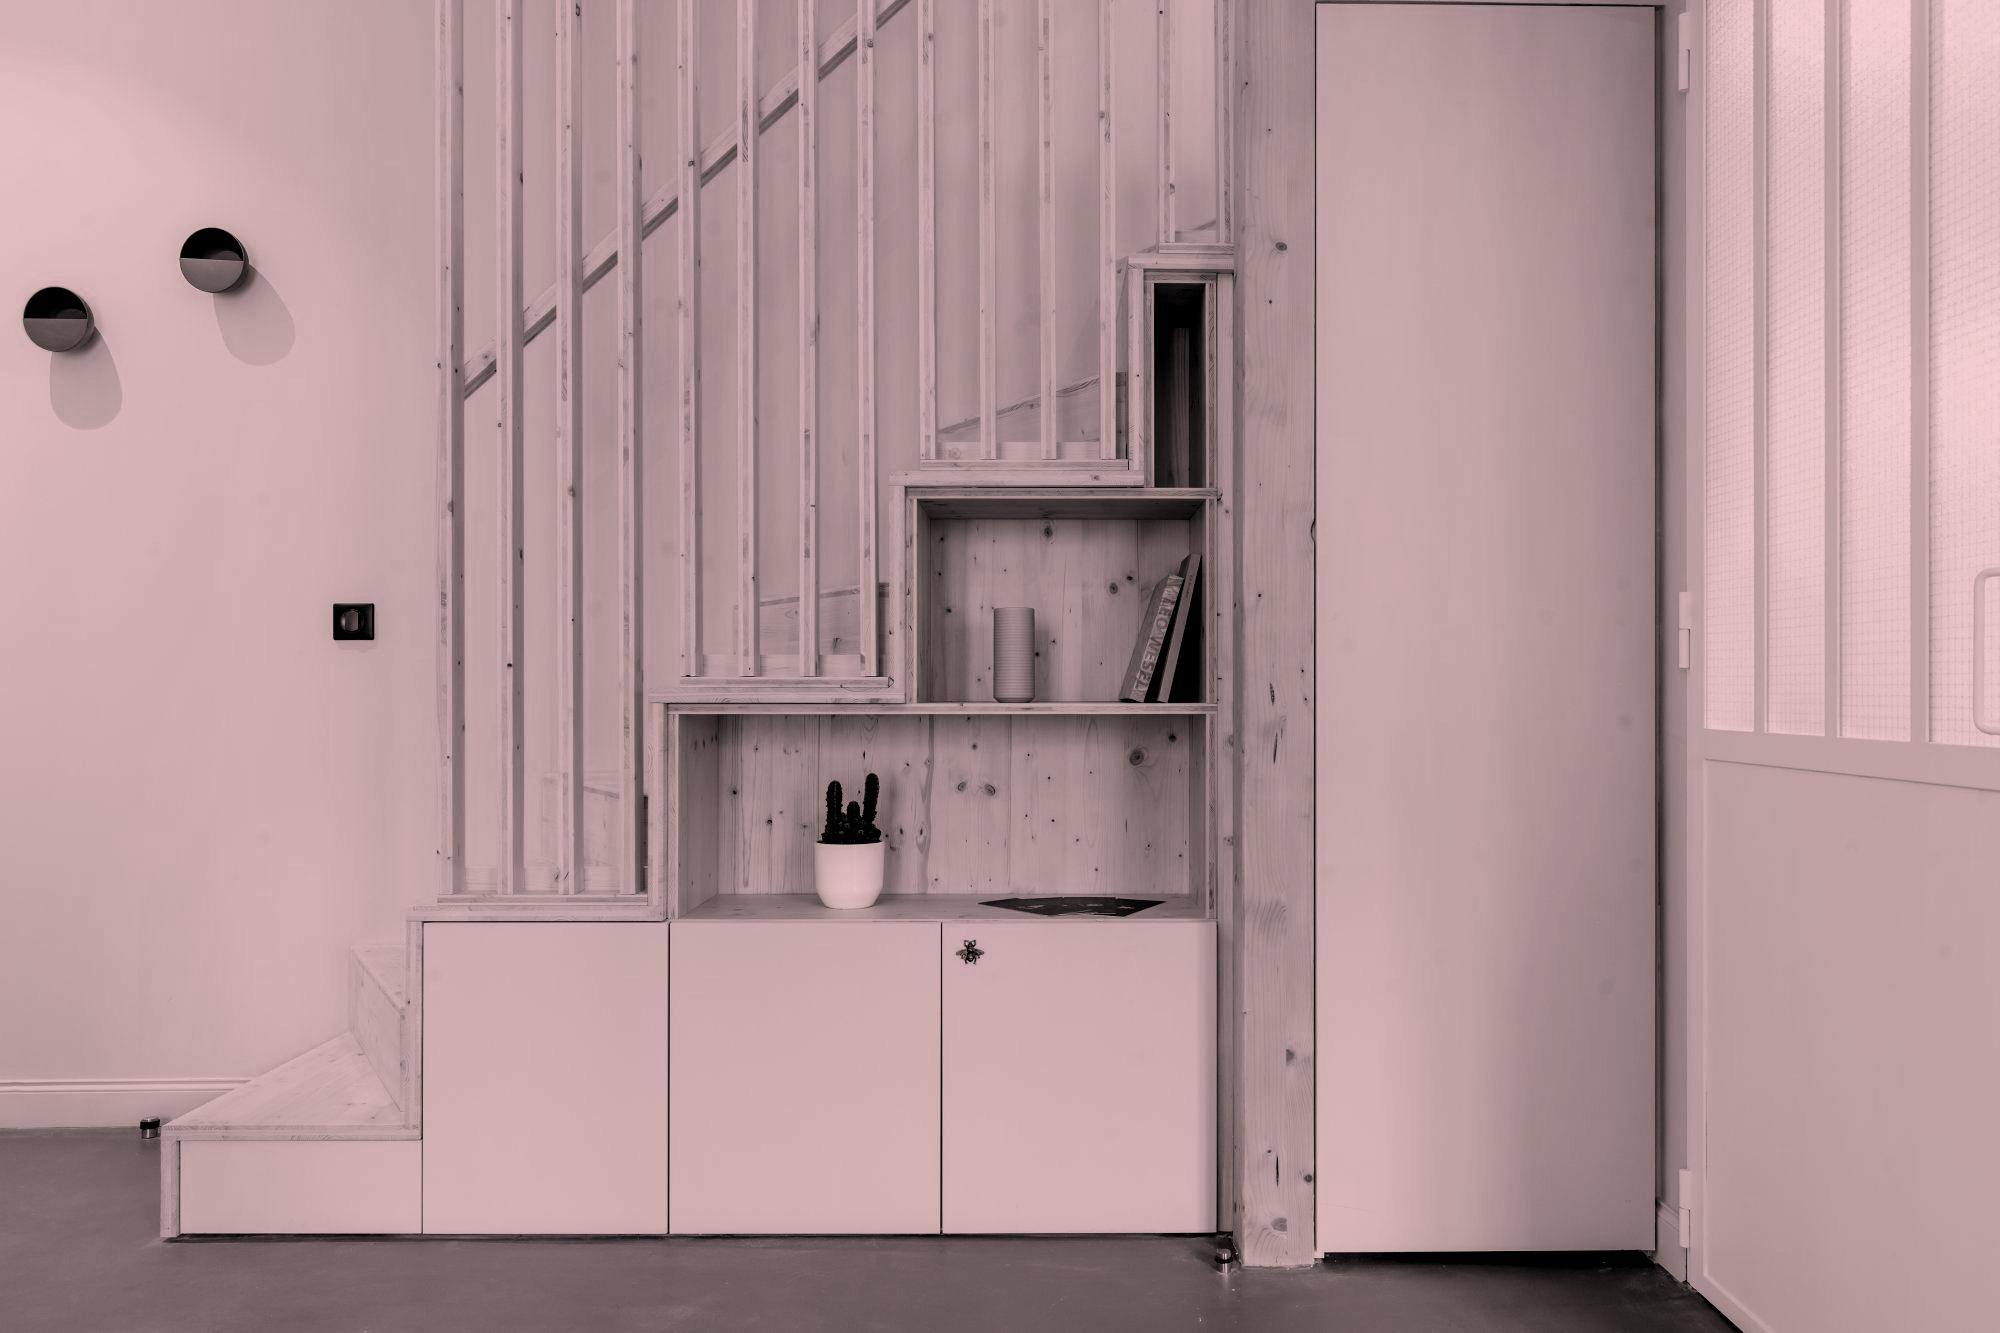 L-ABEILLE-NICEMD-ARCHITECTE-MYLENE-DUQUENOY-NINE-04 copie